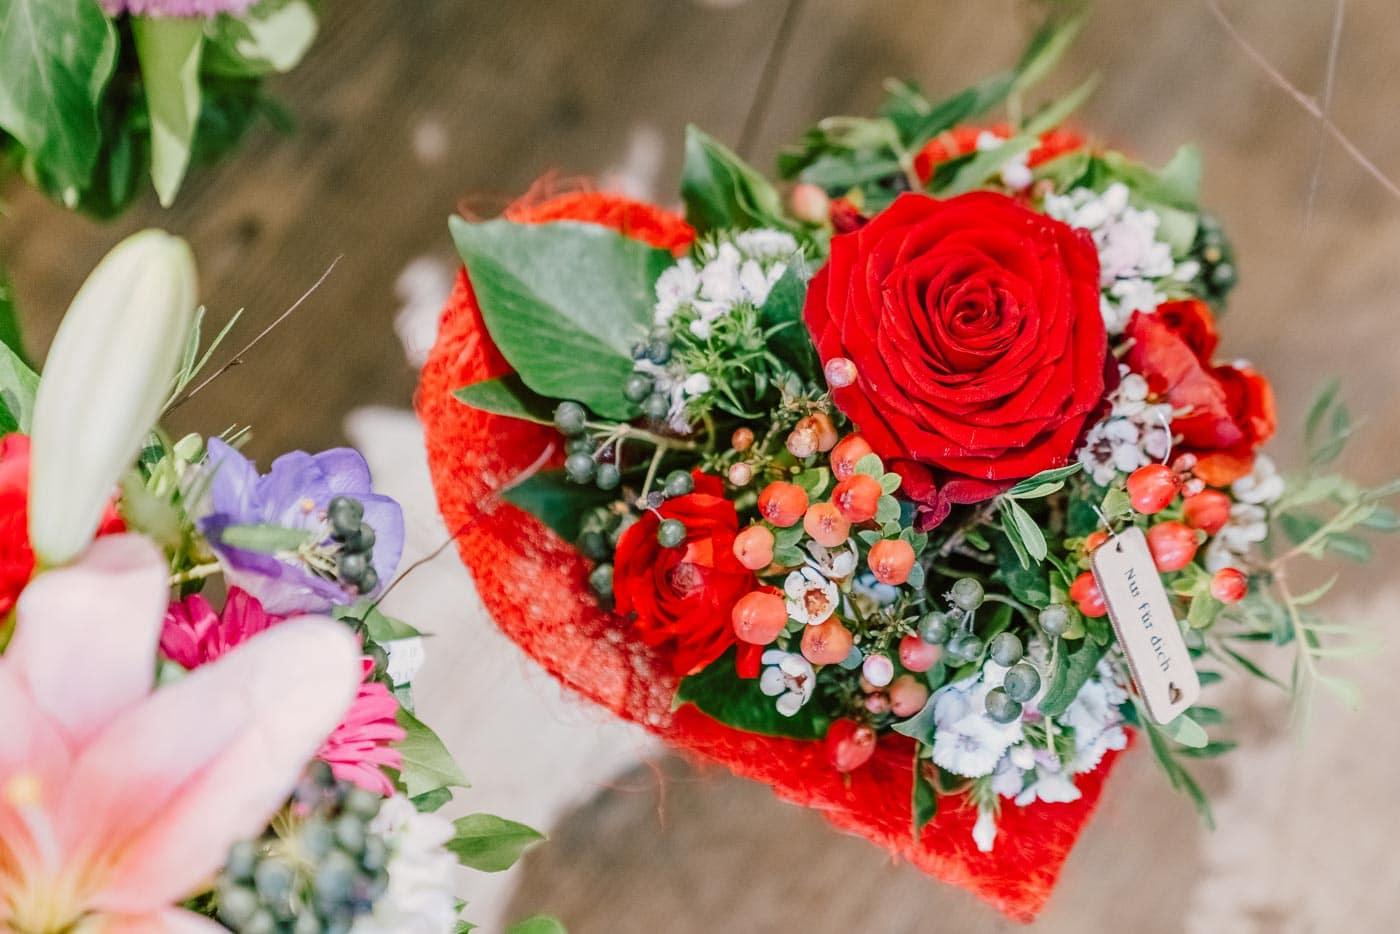 Blumen-Gaby-Strohmeier-straeusse-feb20-12